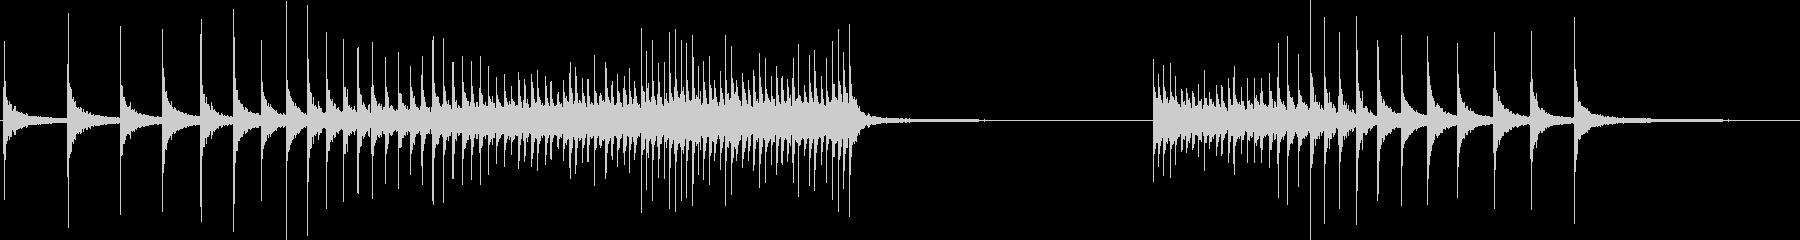 ドラム、ロートム、ロール、ロング;...の未再生の波形